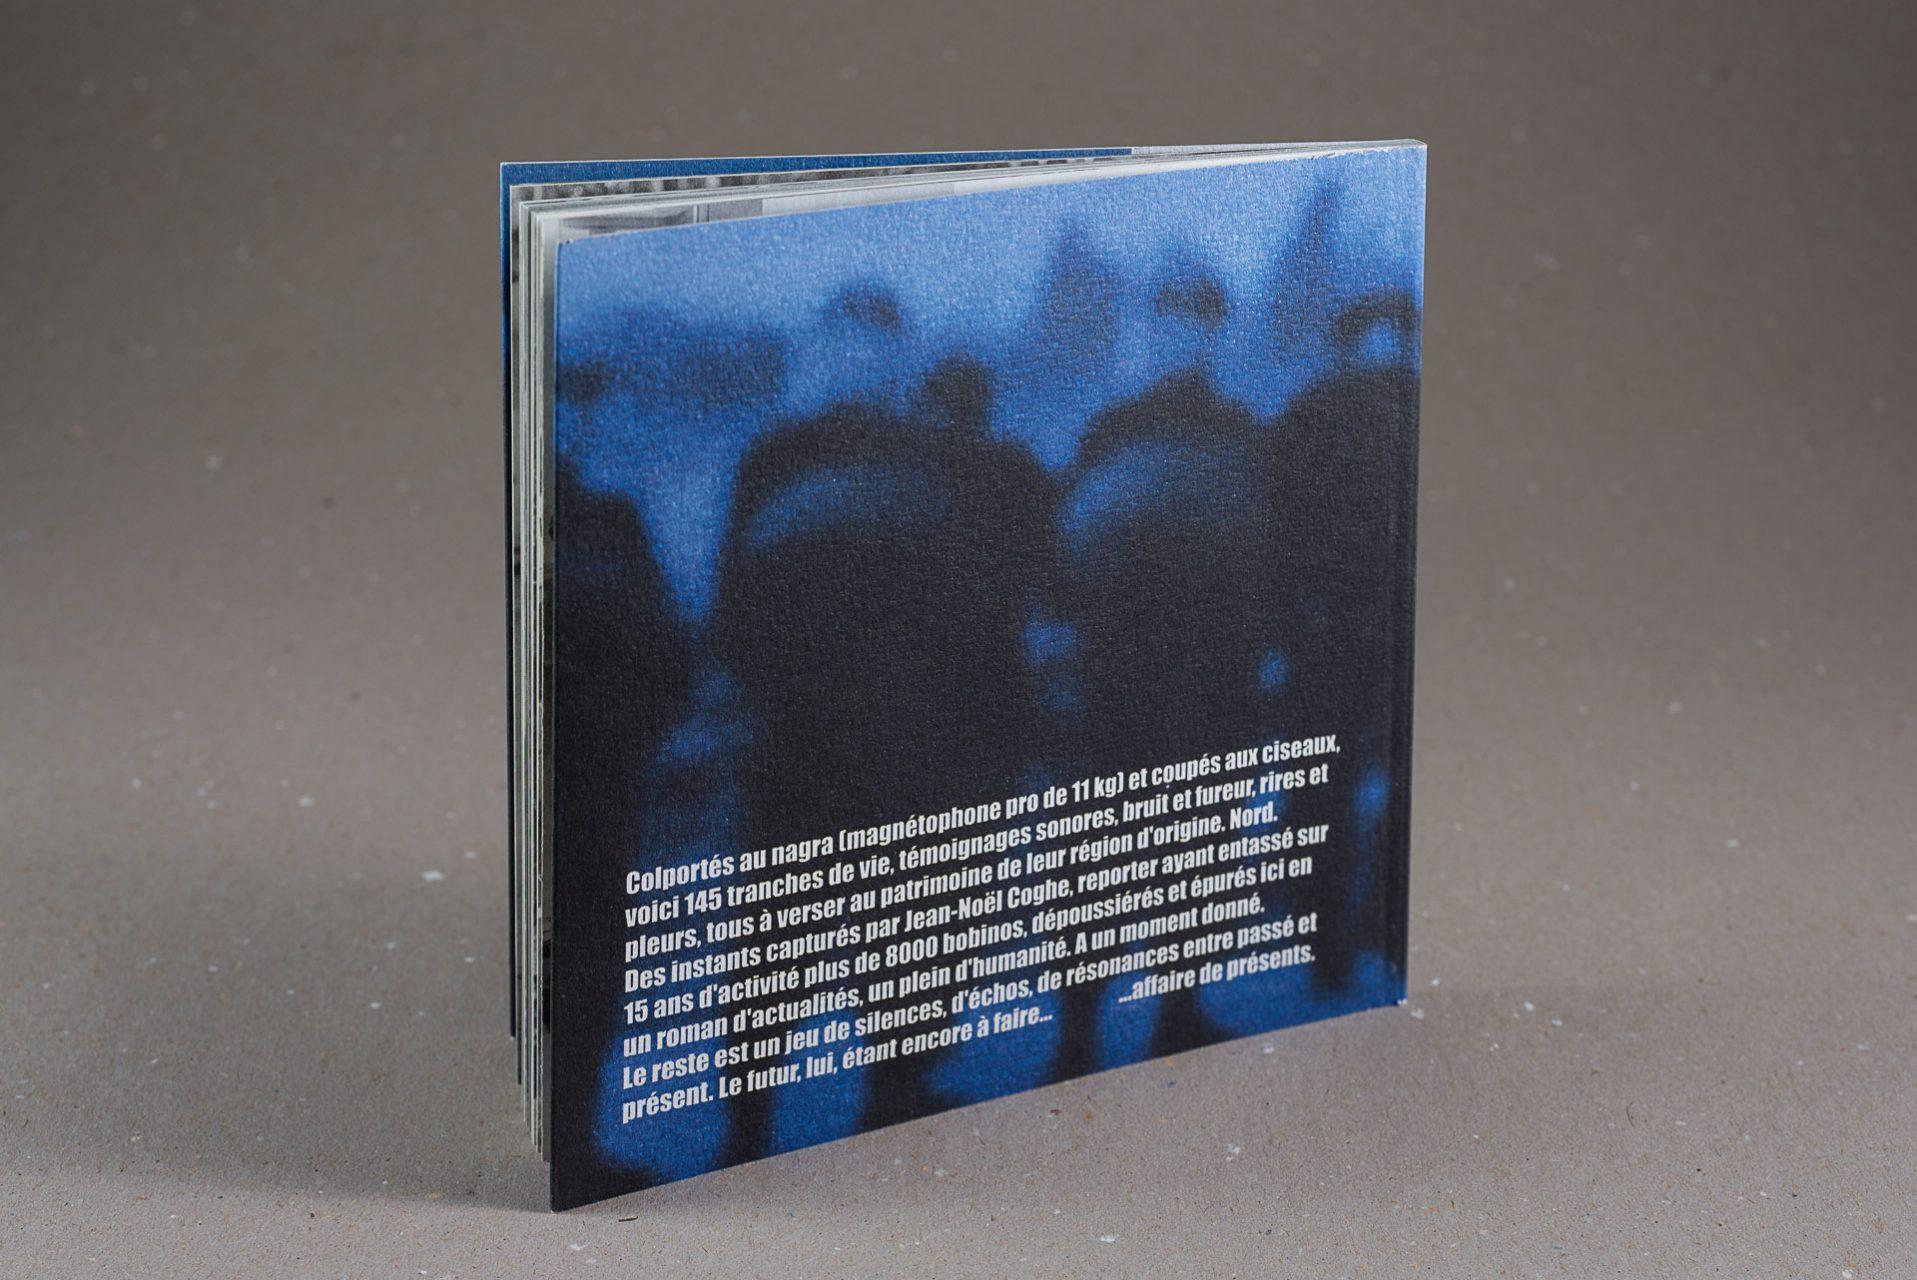 web-hd-nuit-myrtide-livre-eclats-de-blues-jean-noel-coghe-02